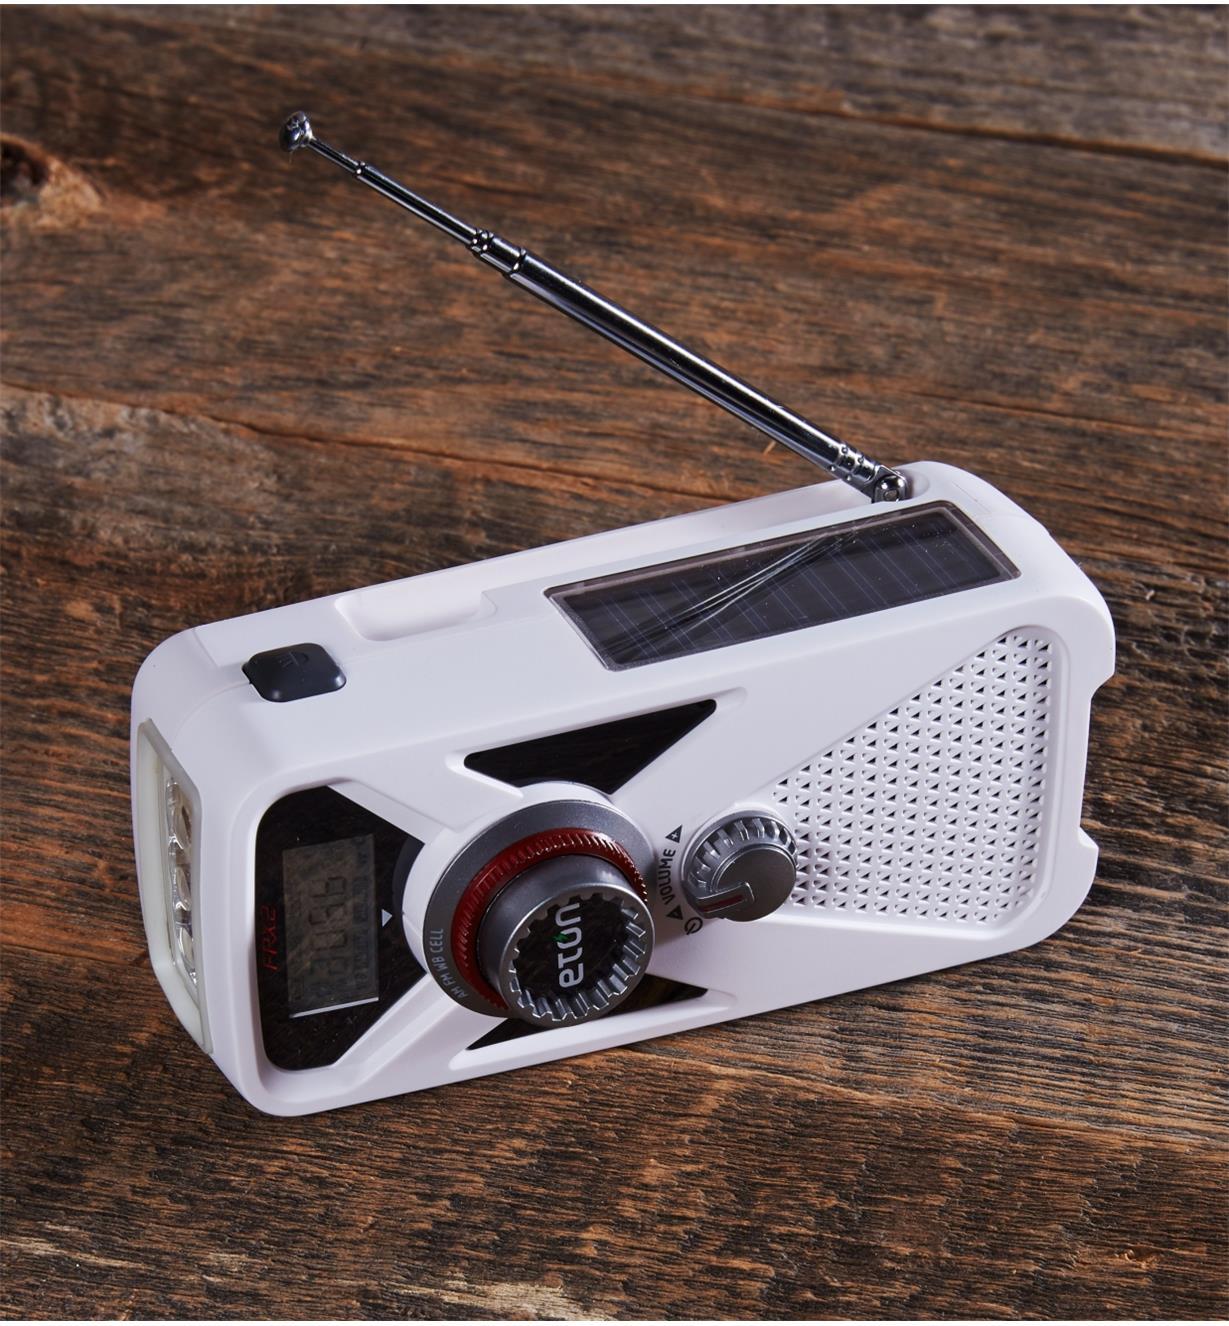 KC522 - Radio météo d'urgence rechargeable Eton